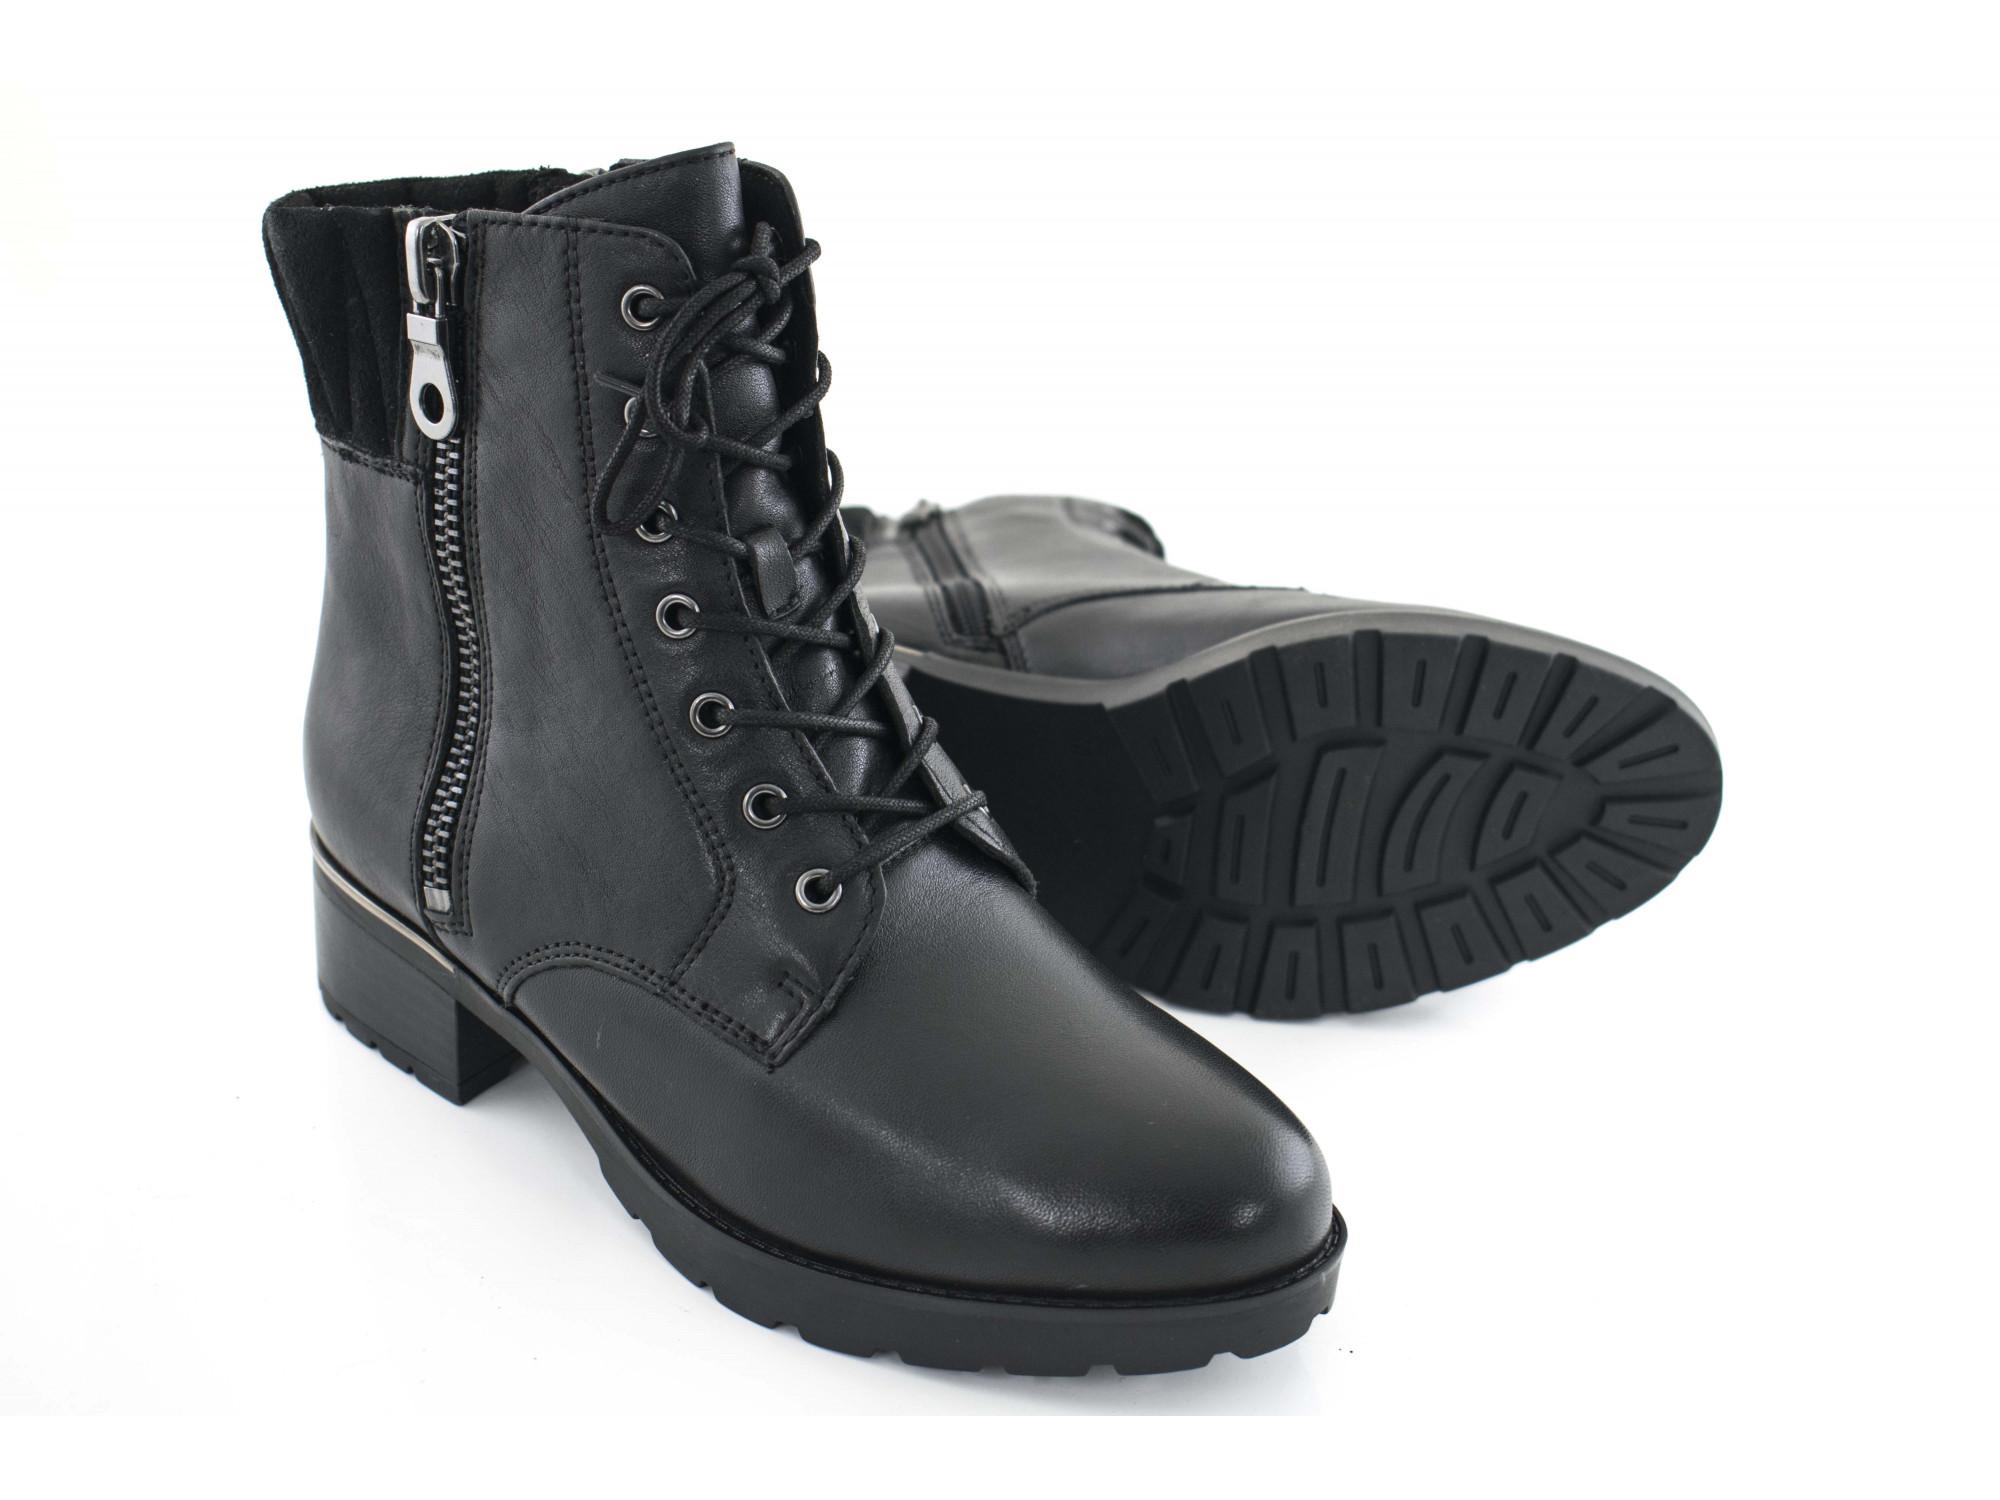 Ботинки Caprice 9-25223-23-019